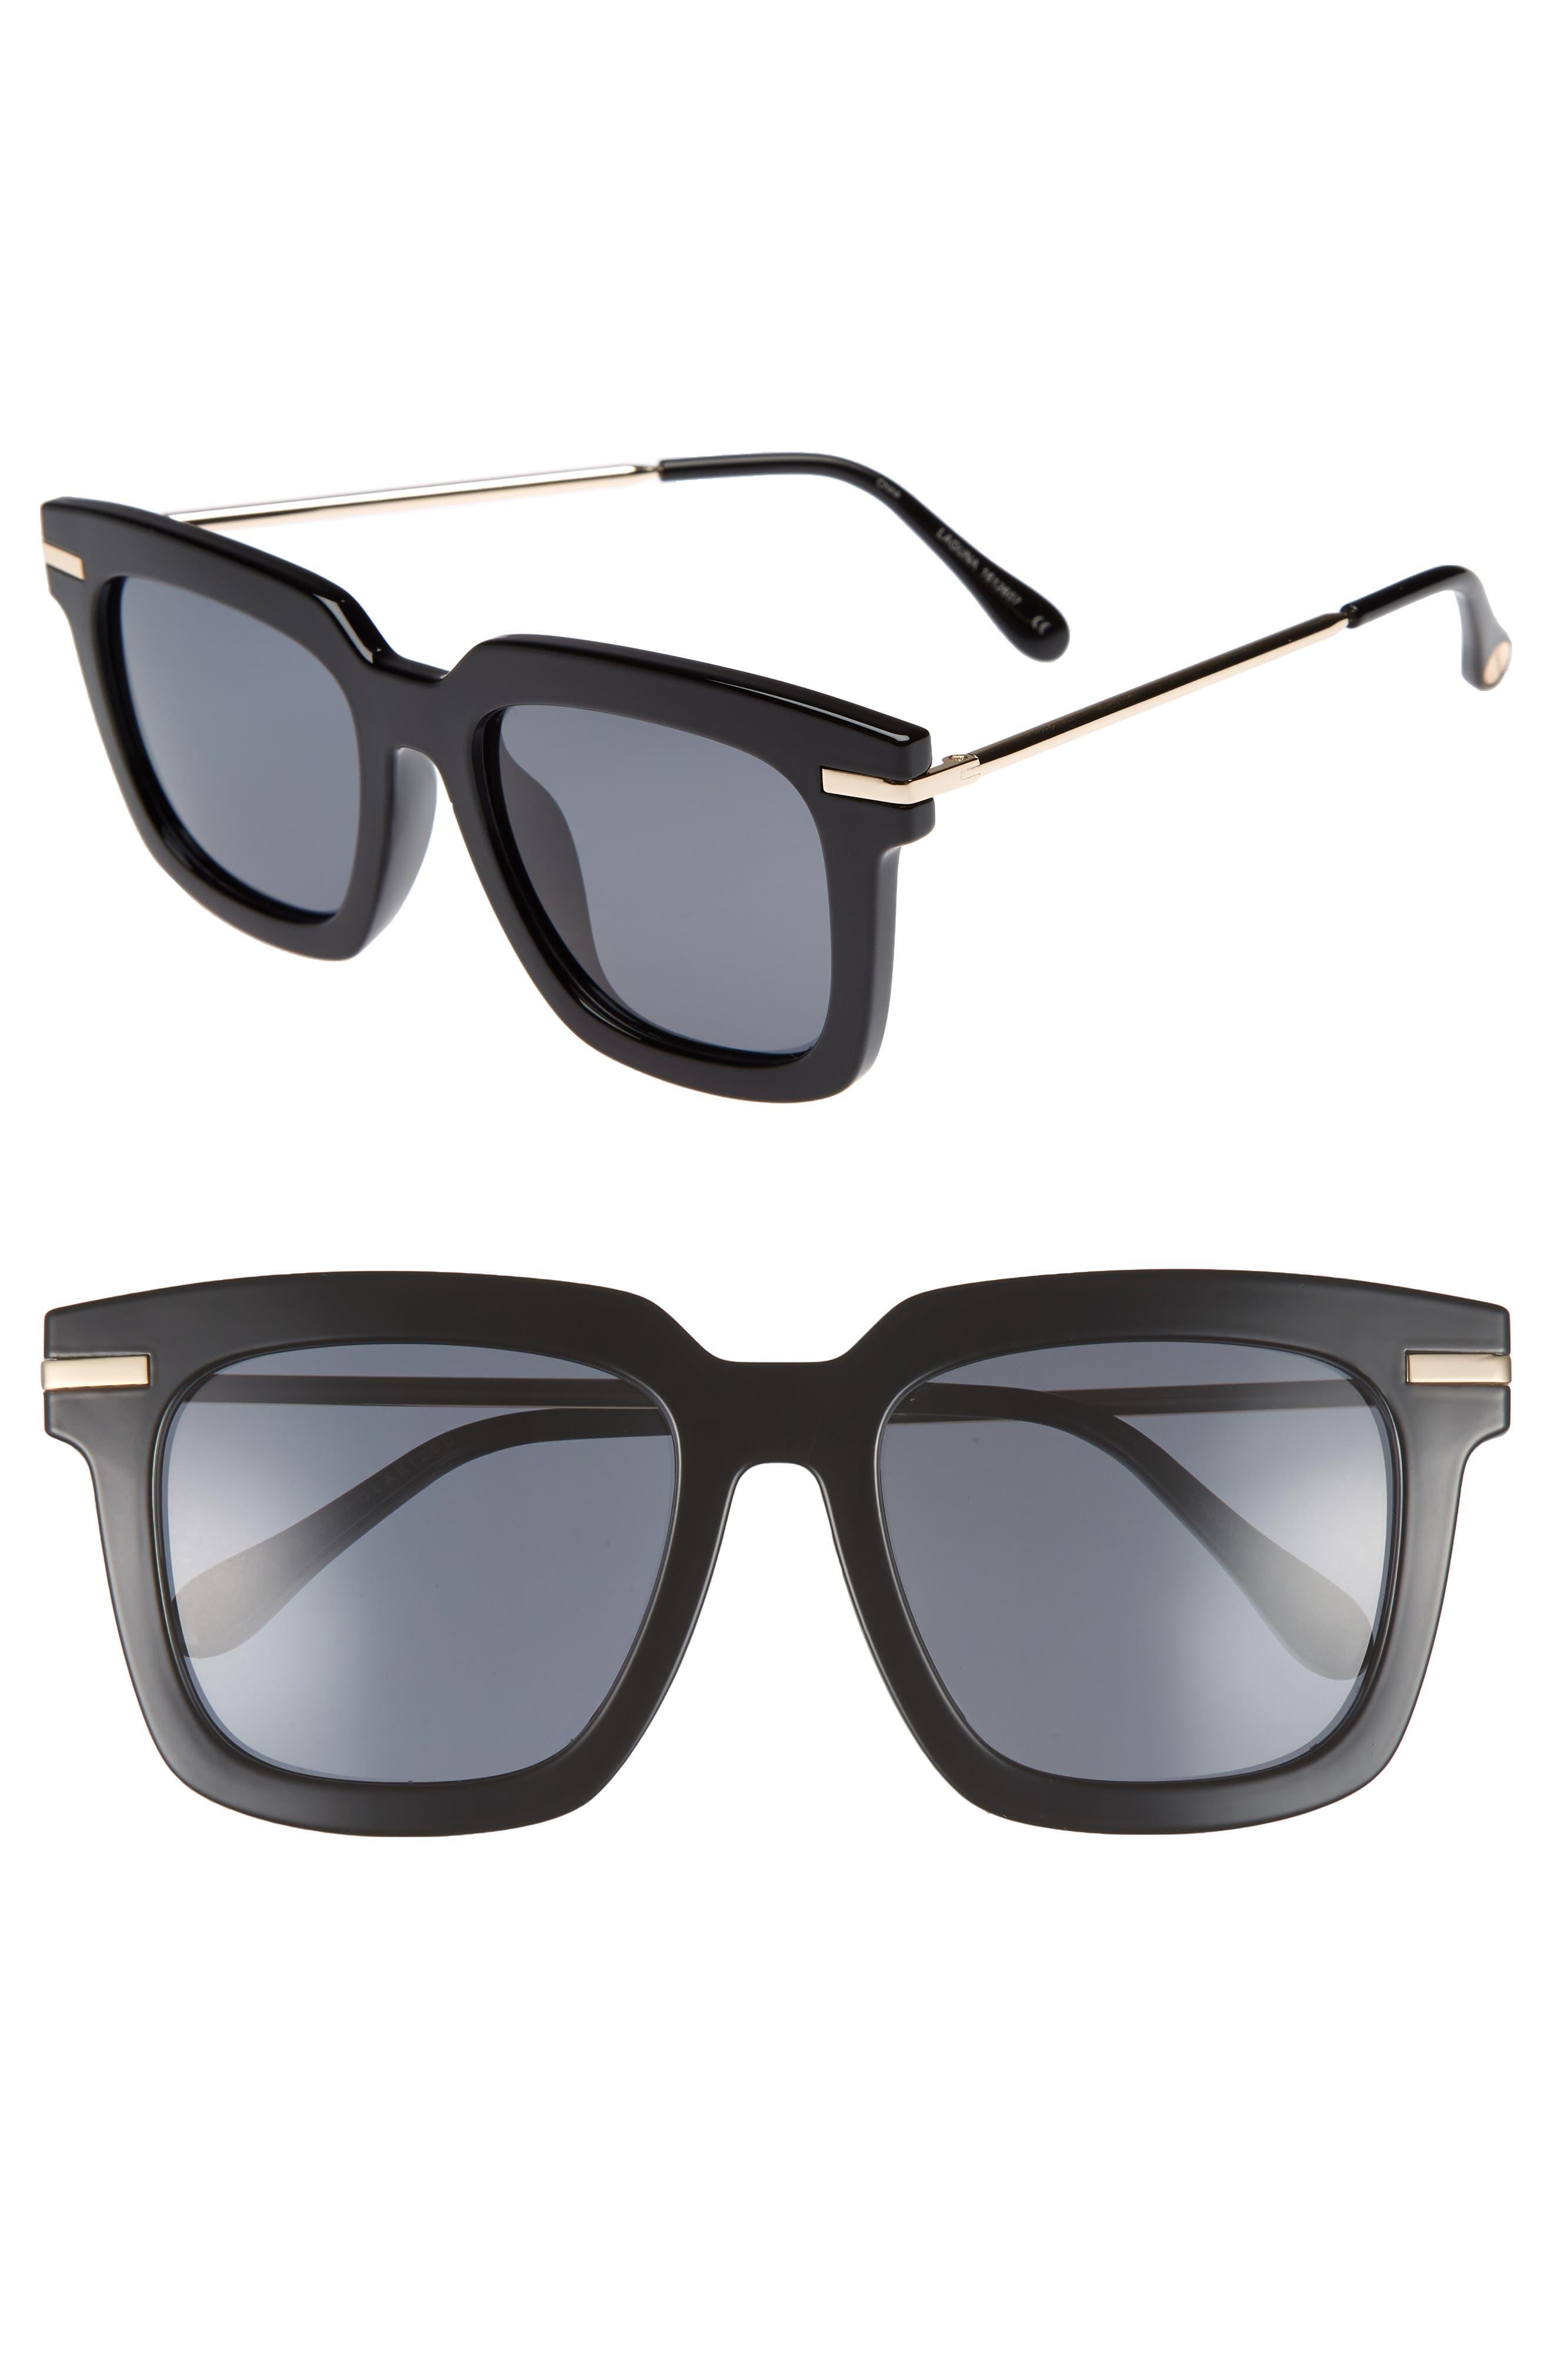 Laguna 51mm Polarized Sunglasses,                         Main,                         color, 001